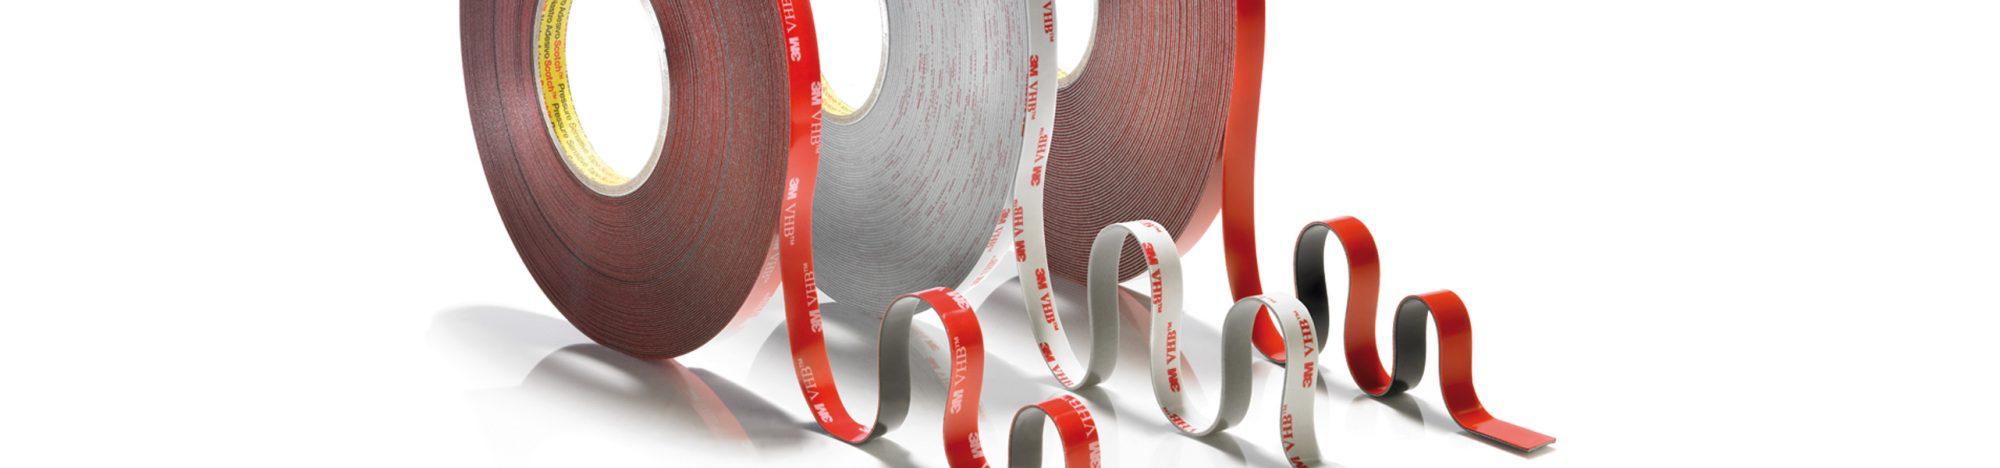 Fustier distribuidor de cintas adhesivas 3M